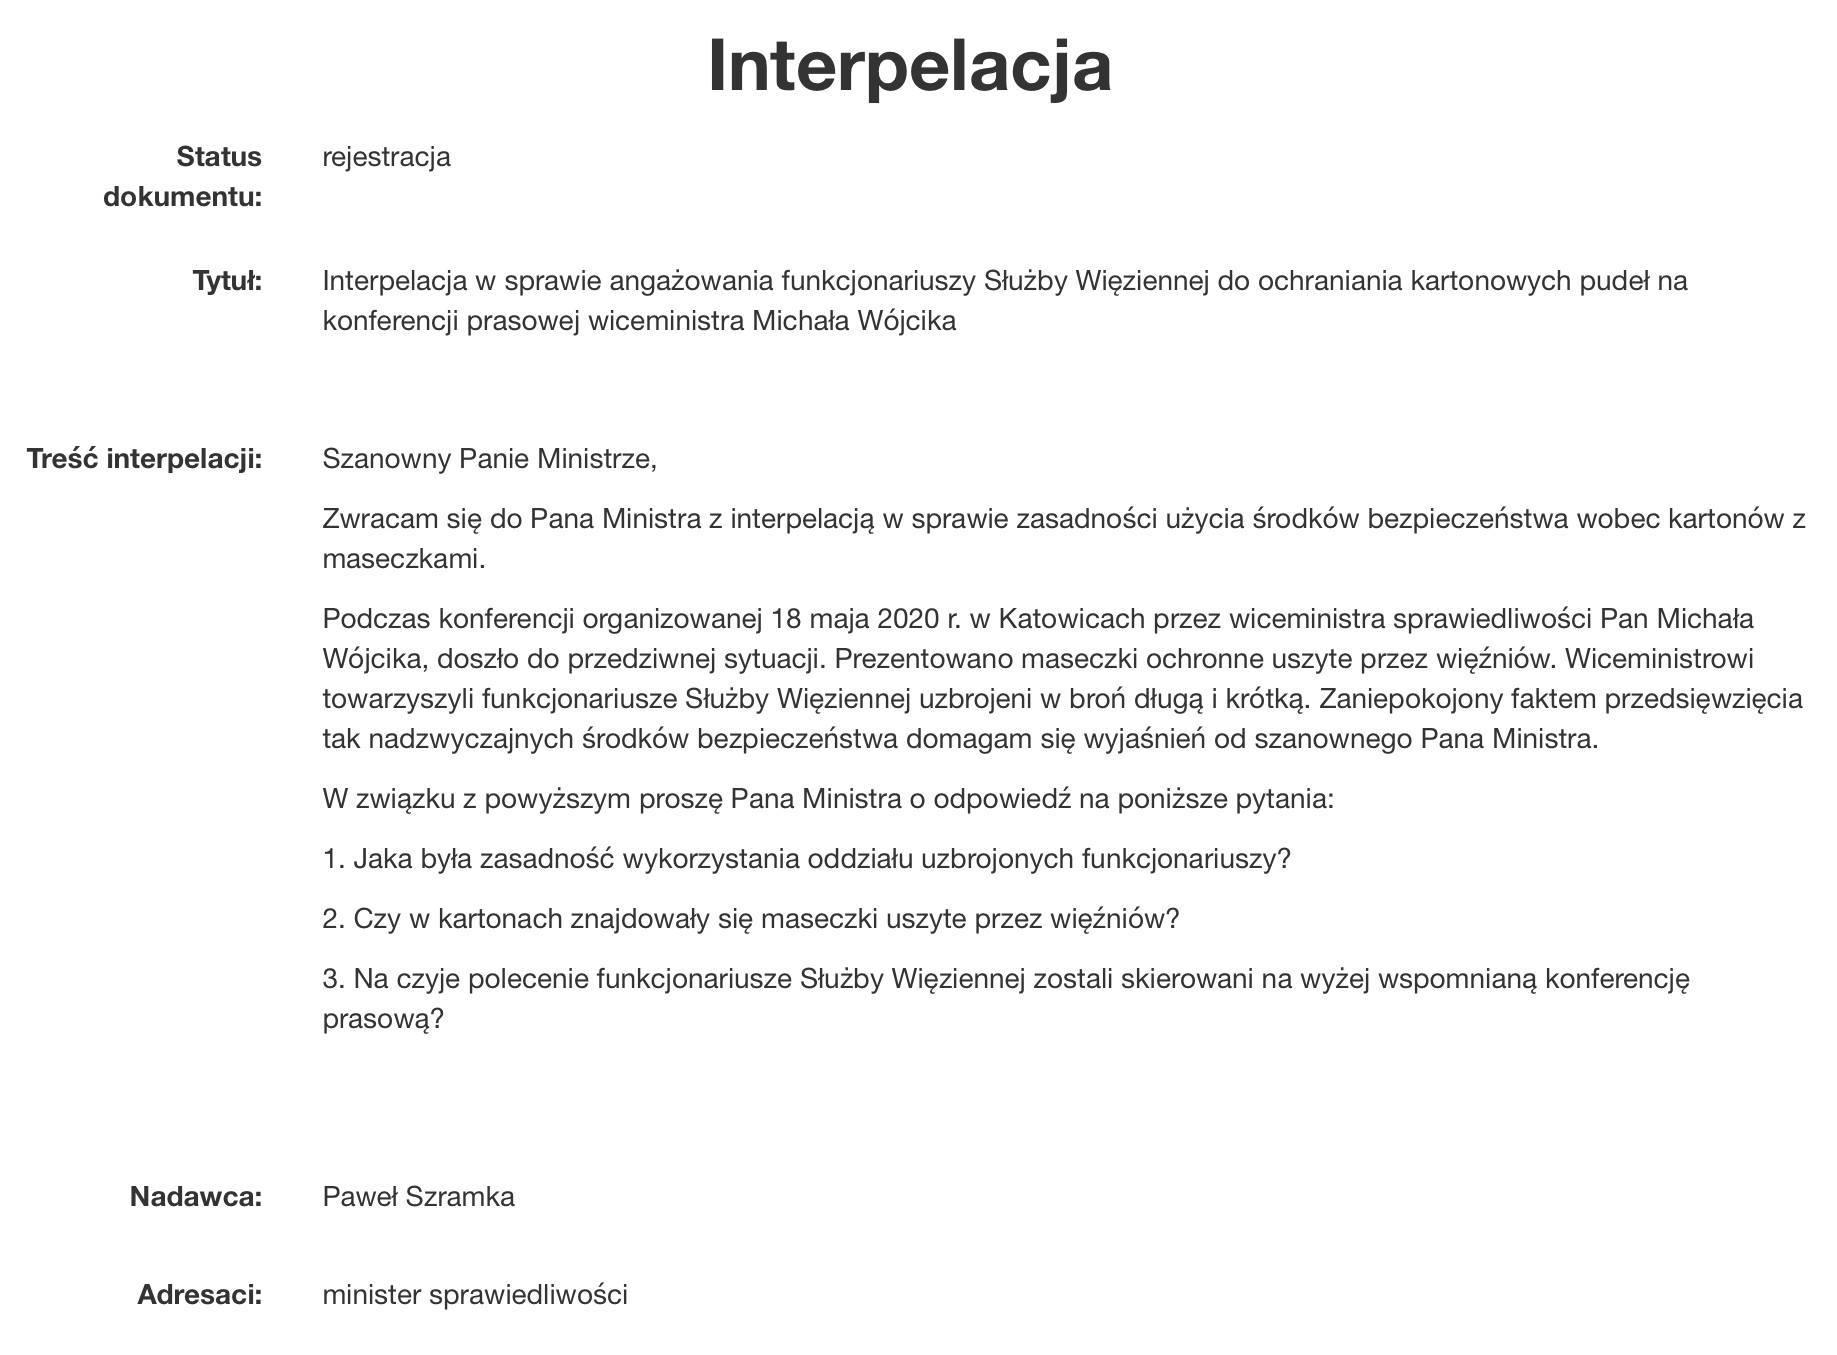 Treść interpelacji posła Pawła Szramki